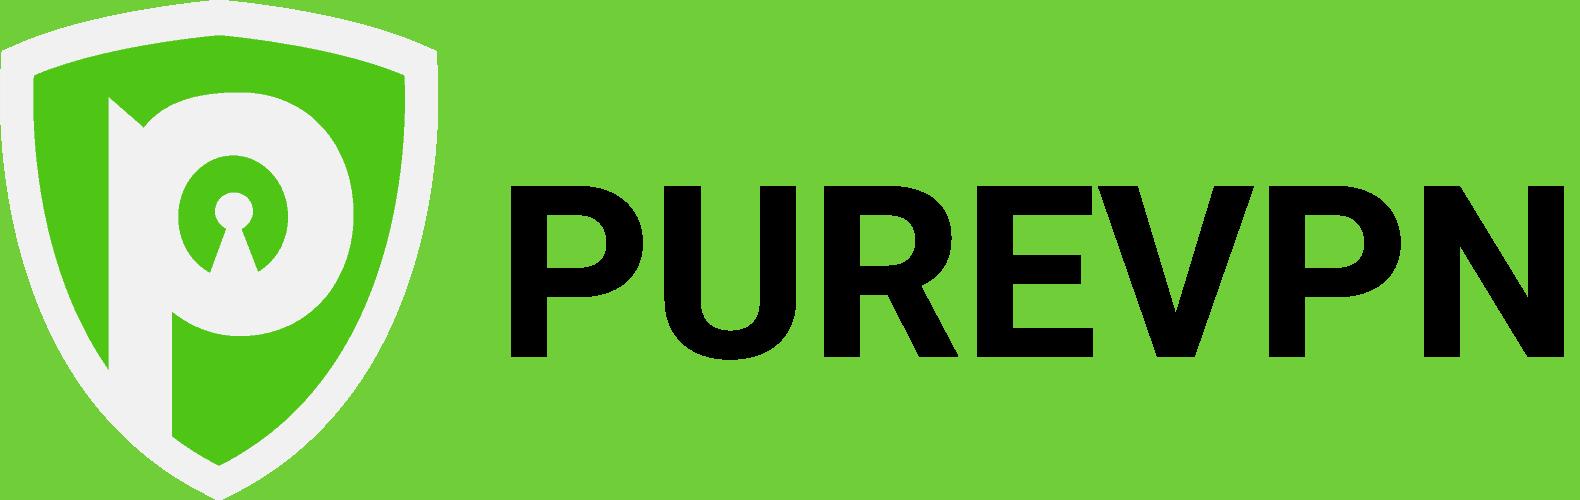 PureVPN Test 2019 - Wolf im Schafspelz? 3 techboys.de • smarte News, auf den Punkt! PureVPN Test 2019 - Wolf im Schafspelz?